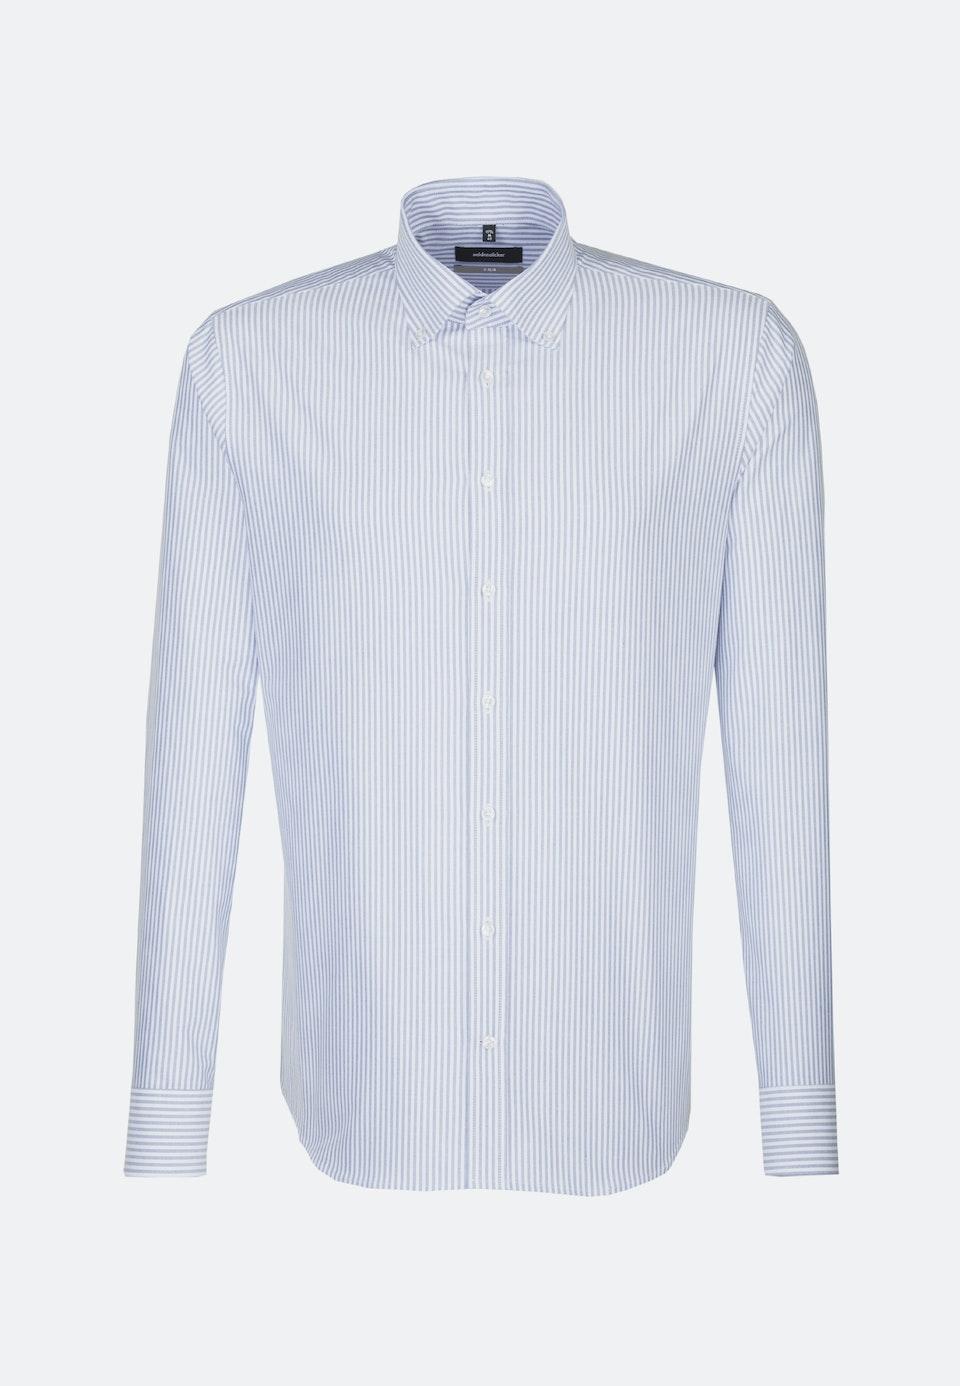 Oxfordhemd in X-Slim mit Button-Down-Kragen in Hellblau |  Seidensticker Onlineshop